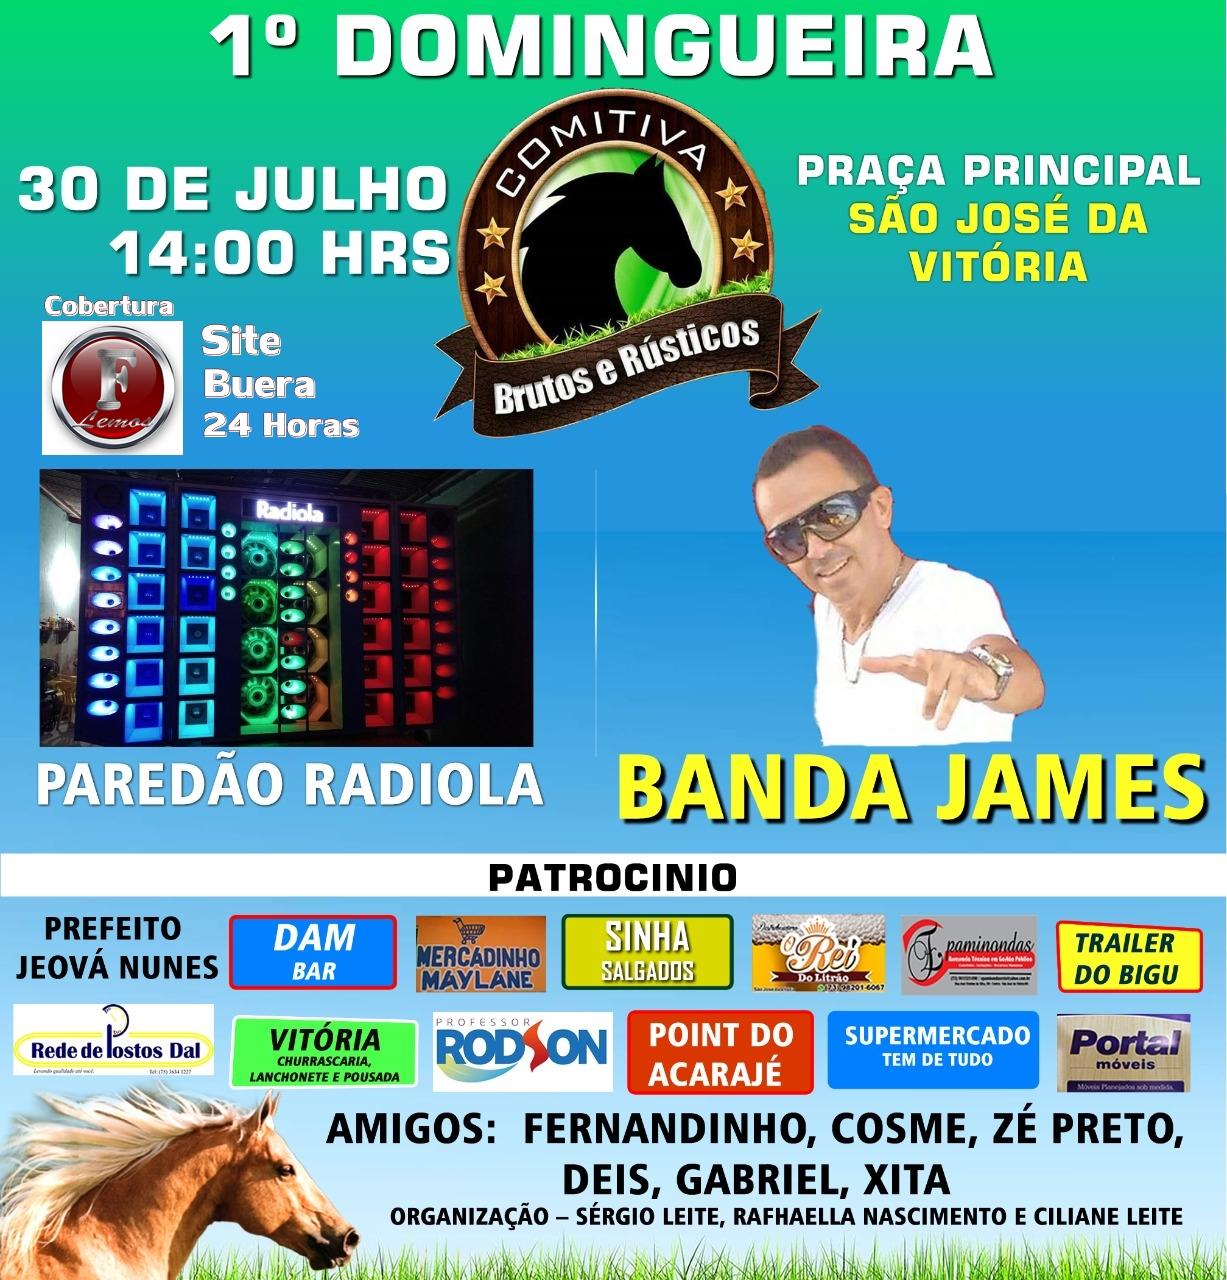 Dia 30 - Super Festa em S.J da Vitória